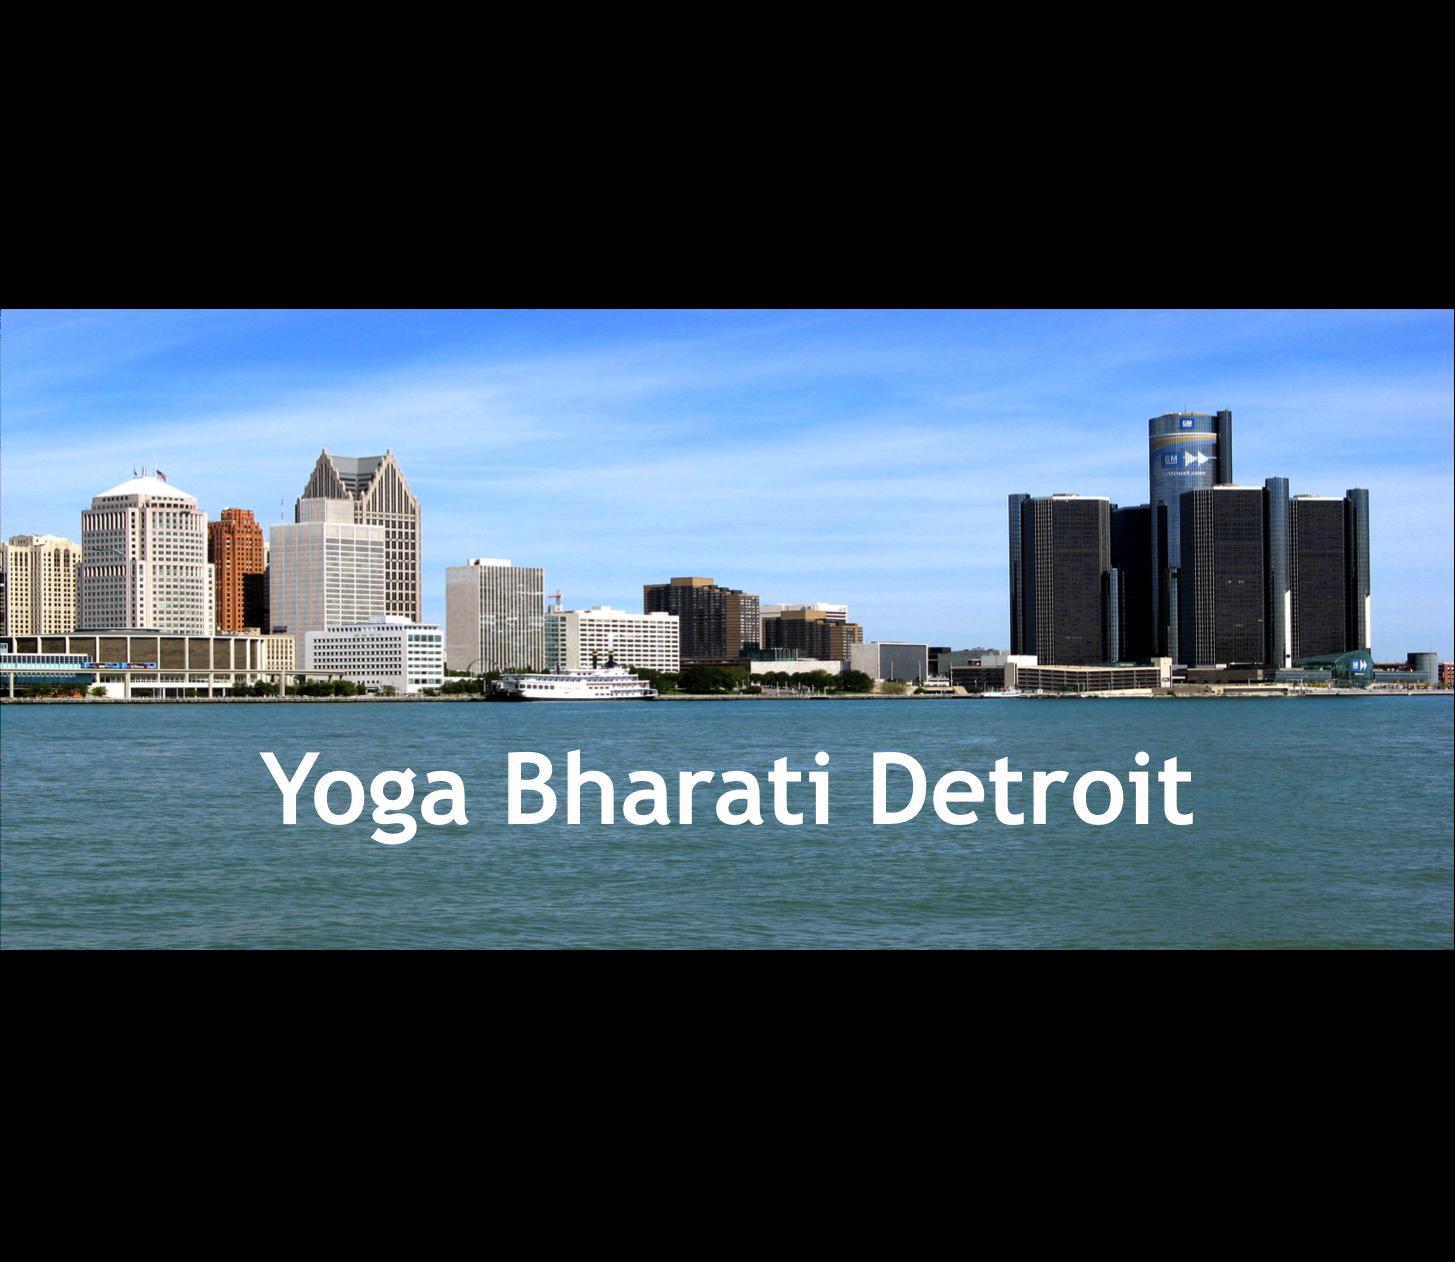 Yoga Bharati Detroit